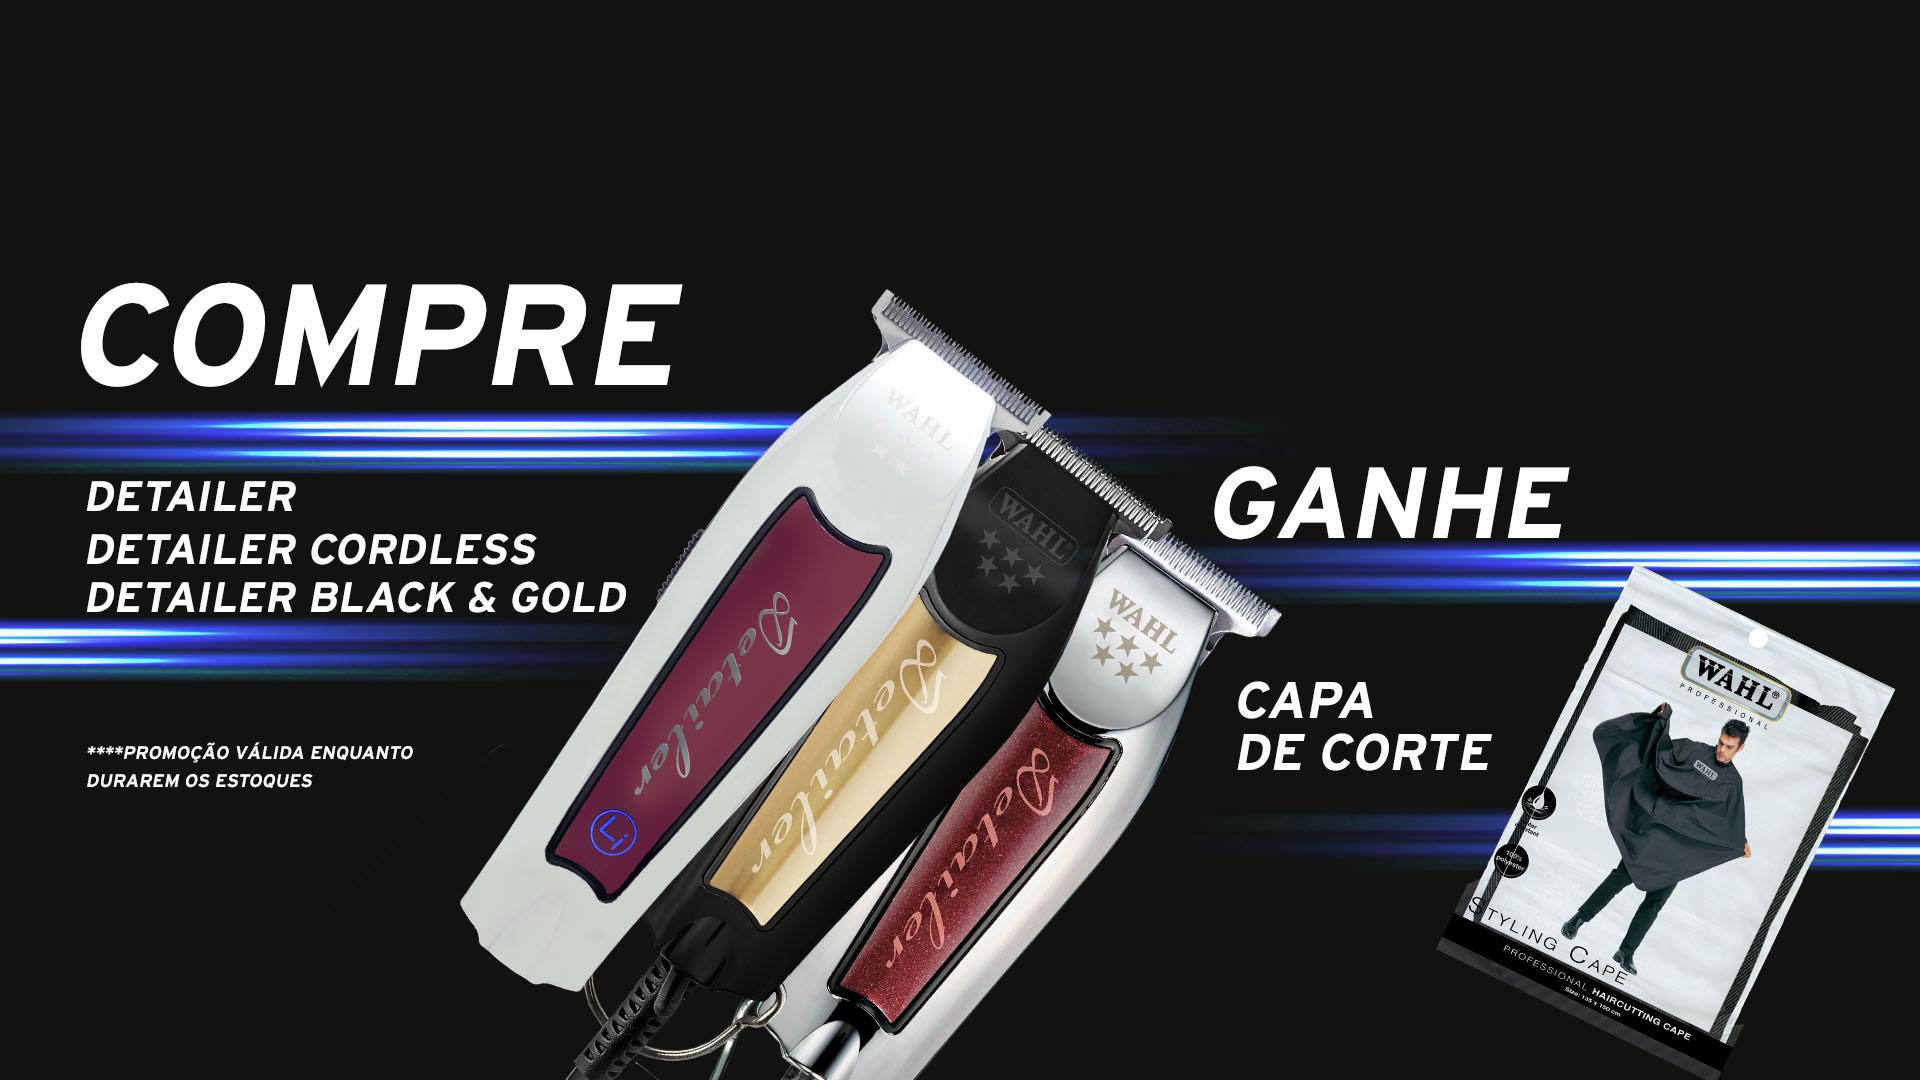 Compre-e-ganhe-2-Desktop